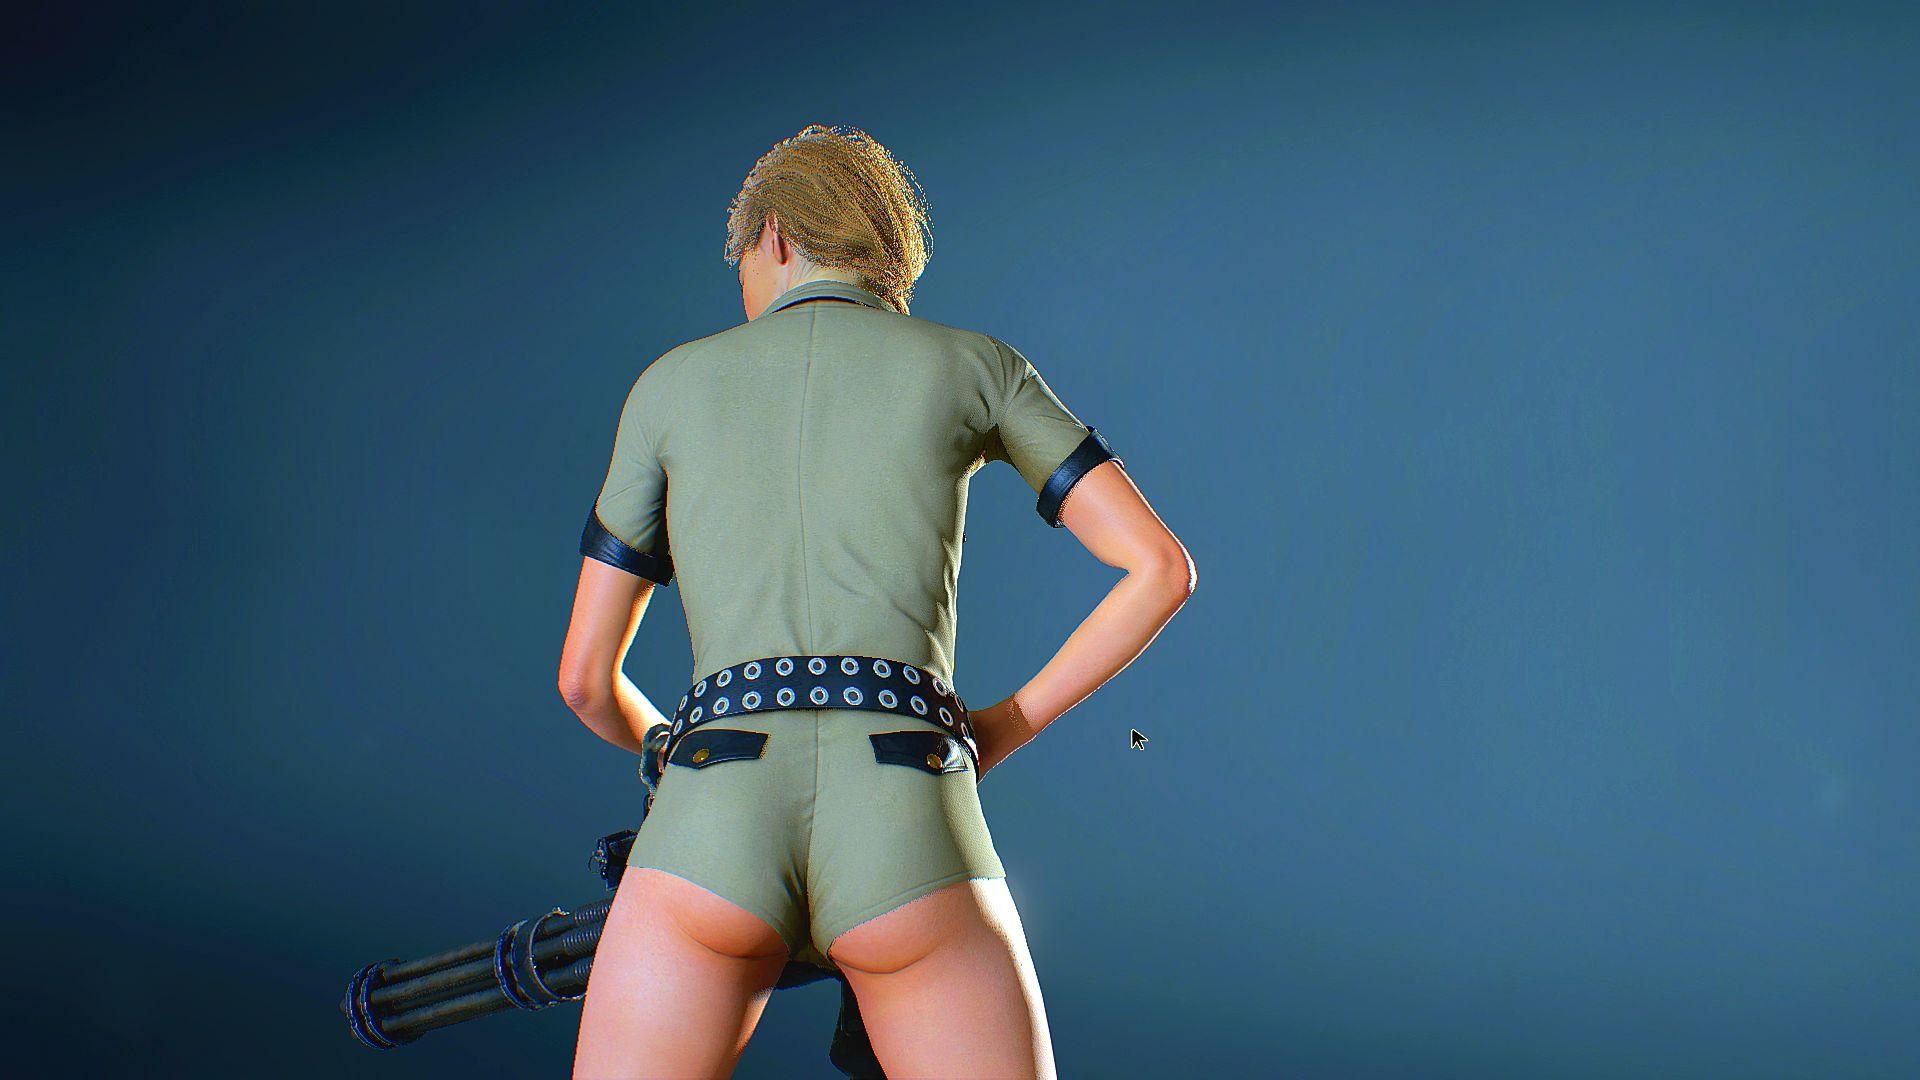 000762.Jpg - Resident Evil 2